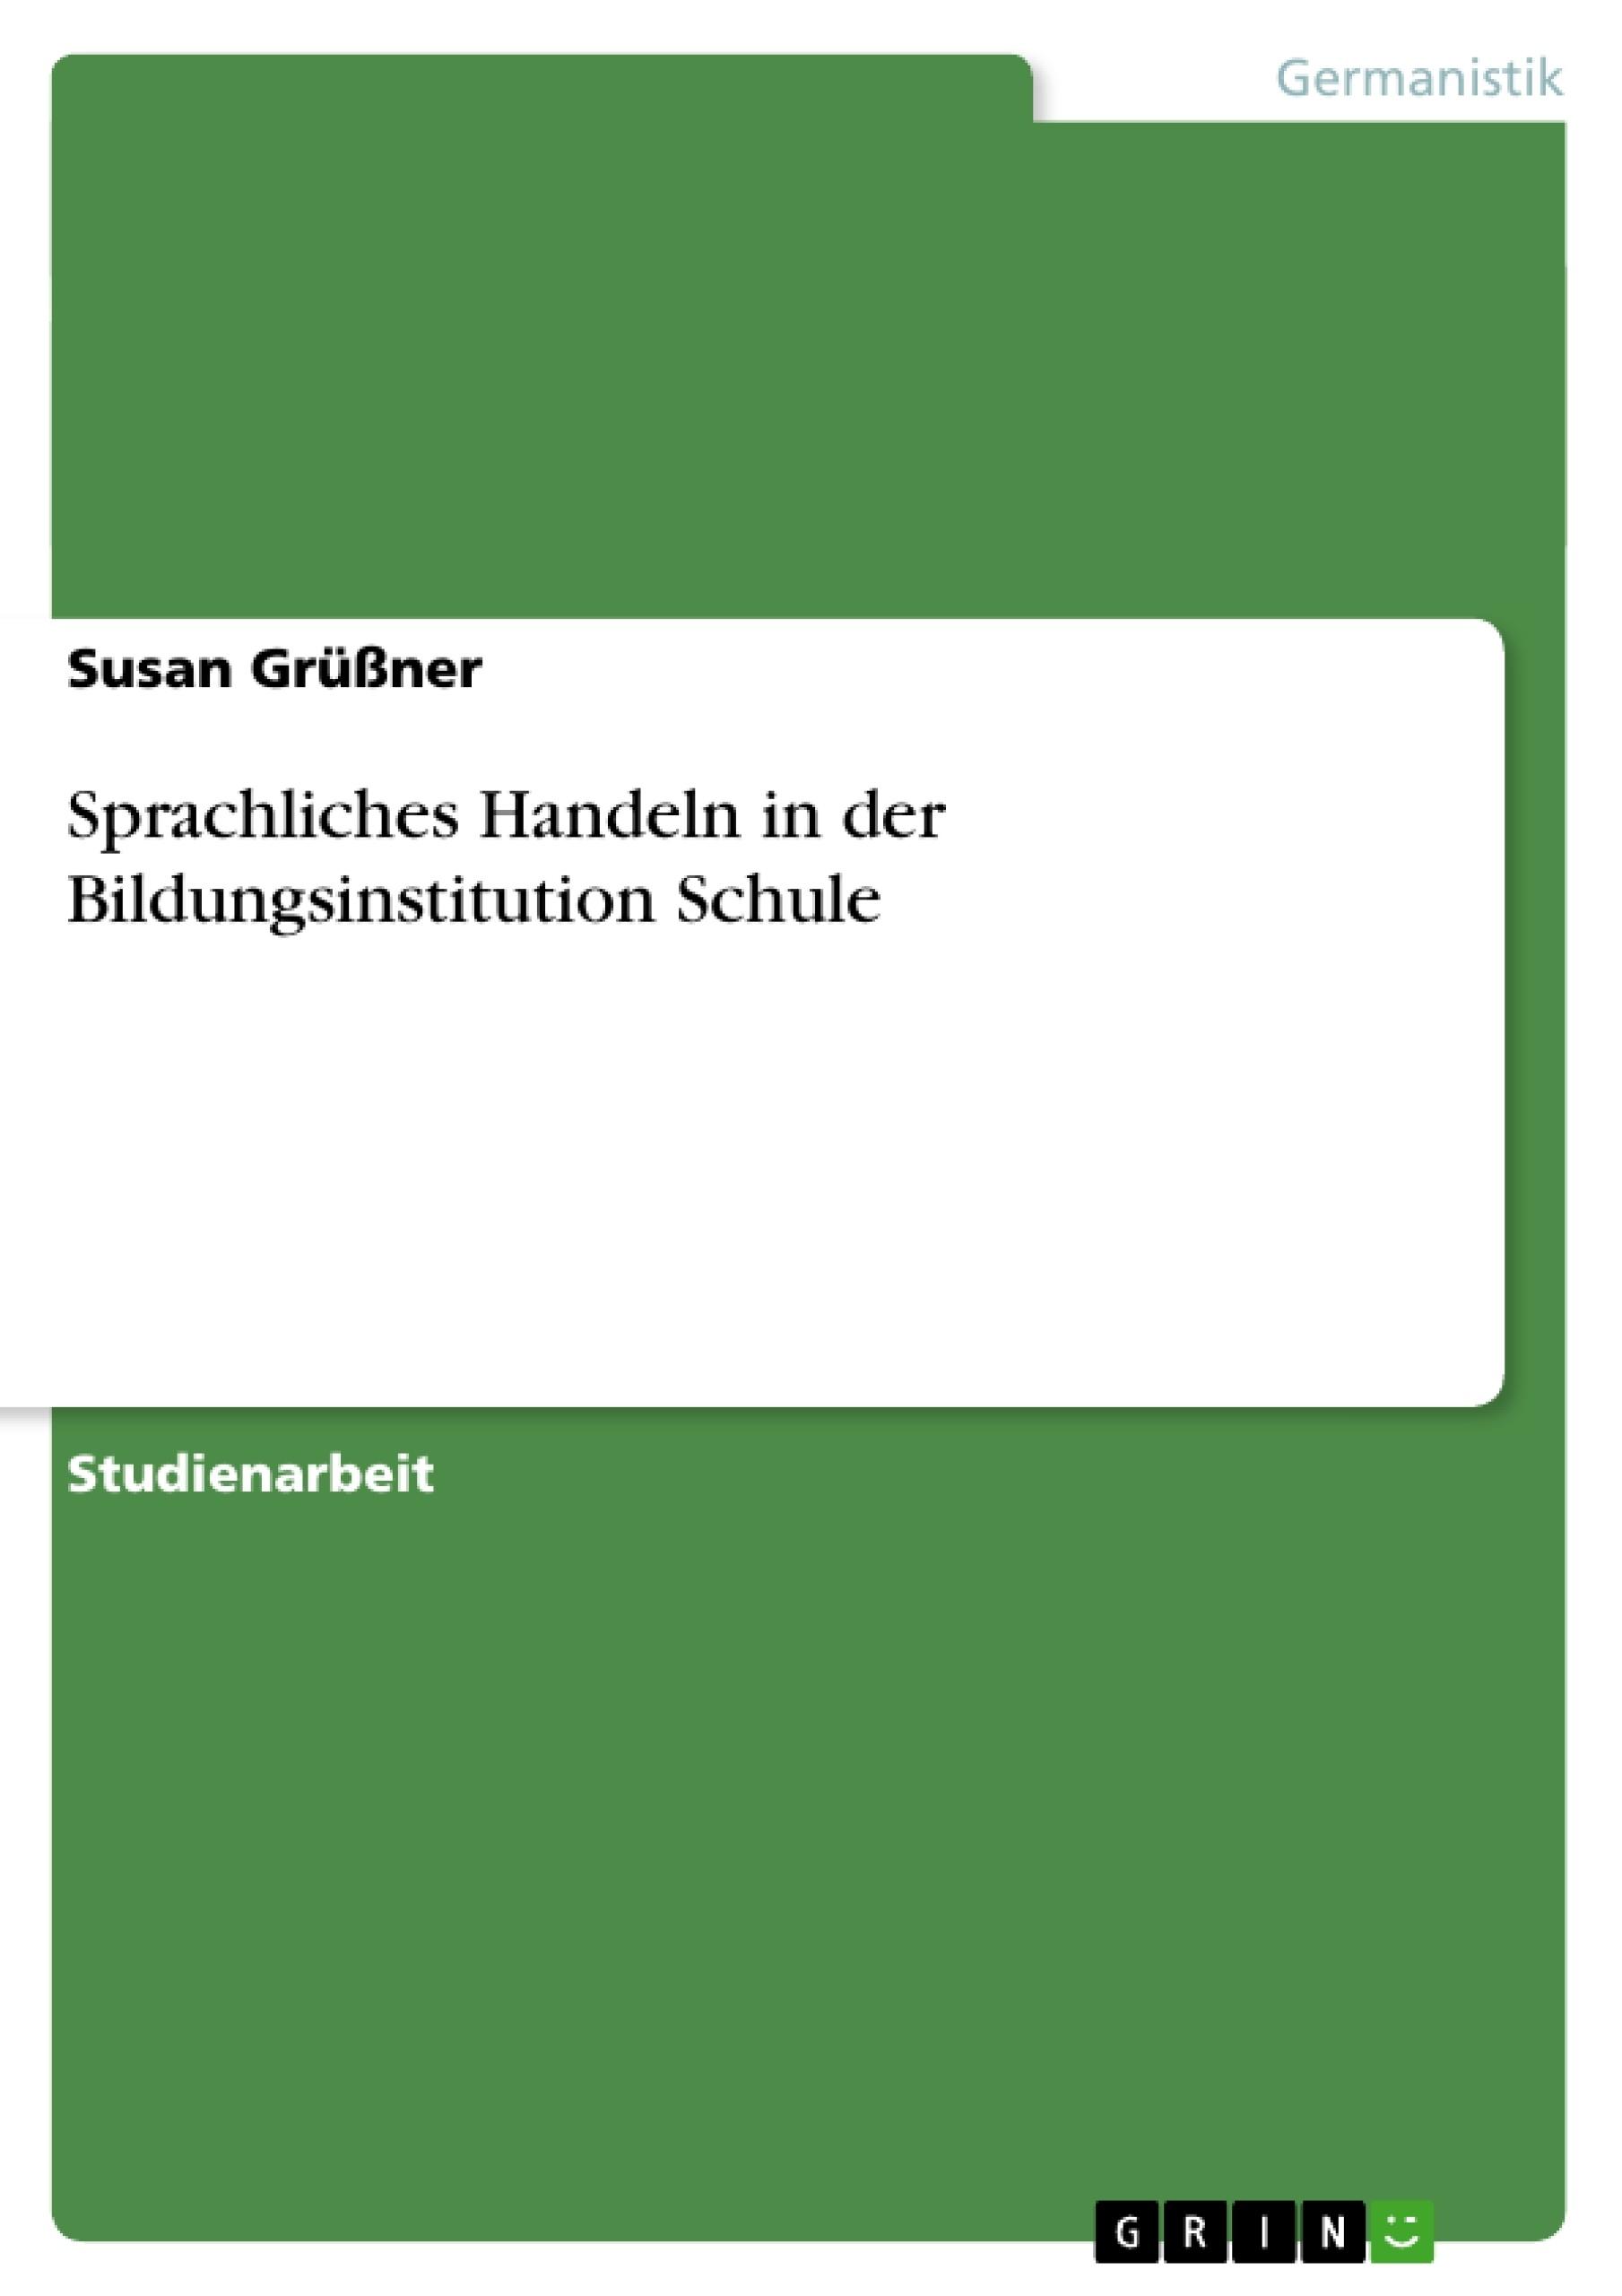 Titel: Sprachliches Handeln in der Bildungsinstitution Schule